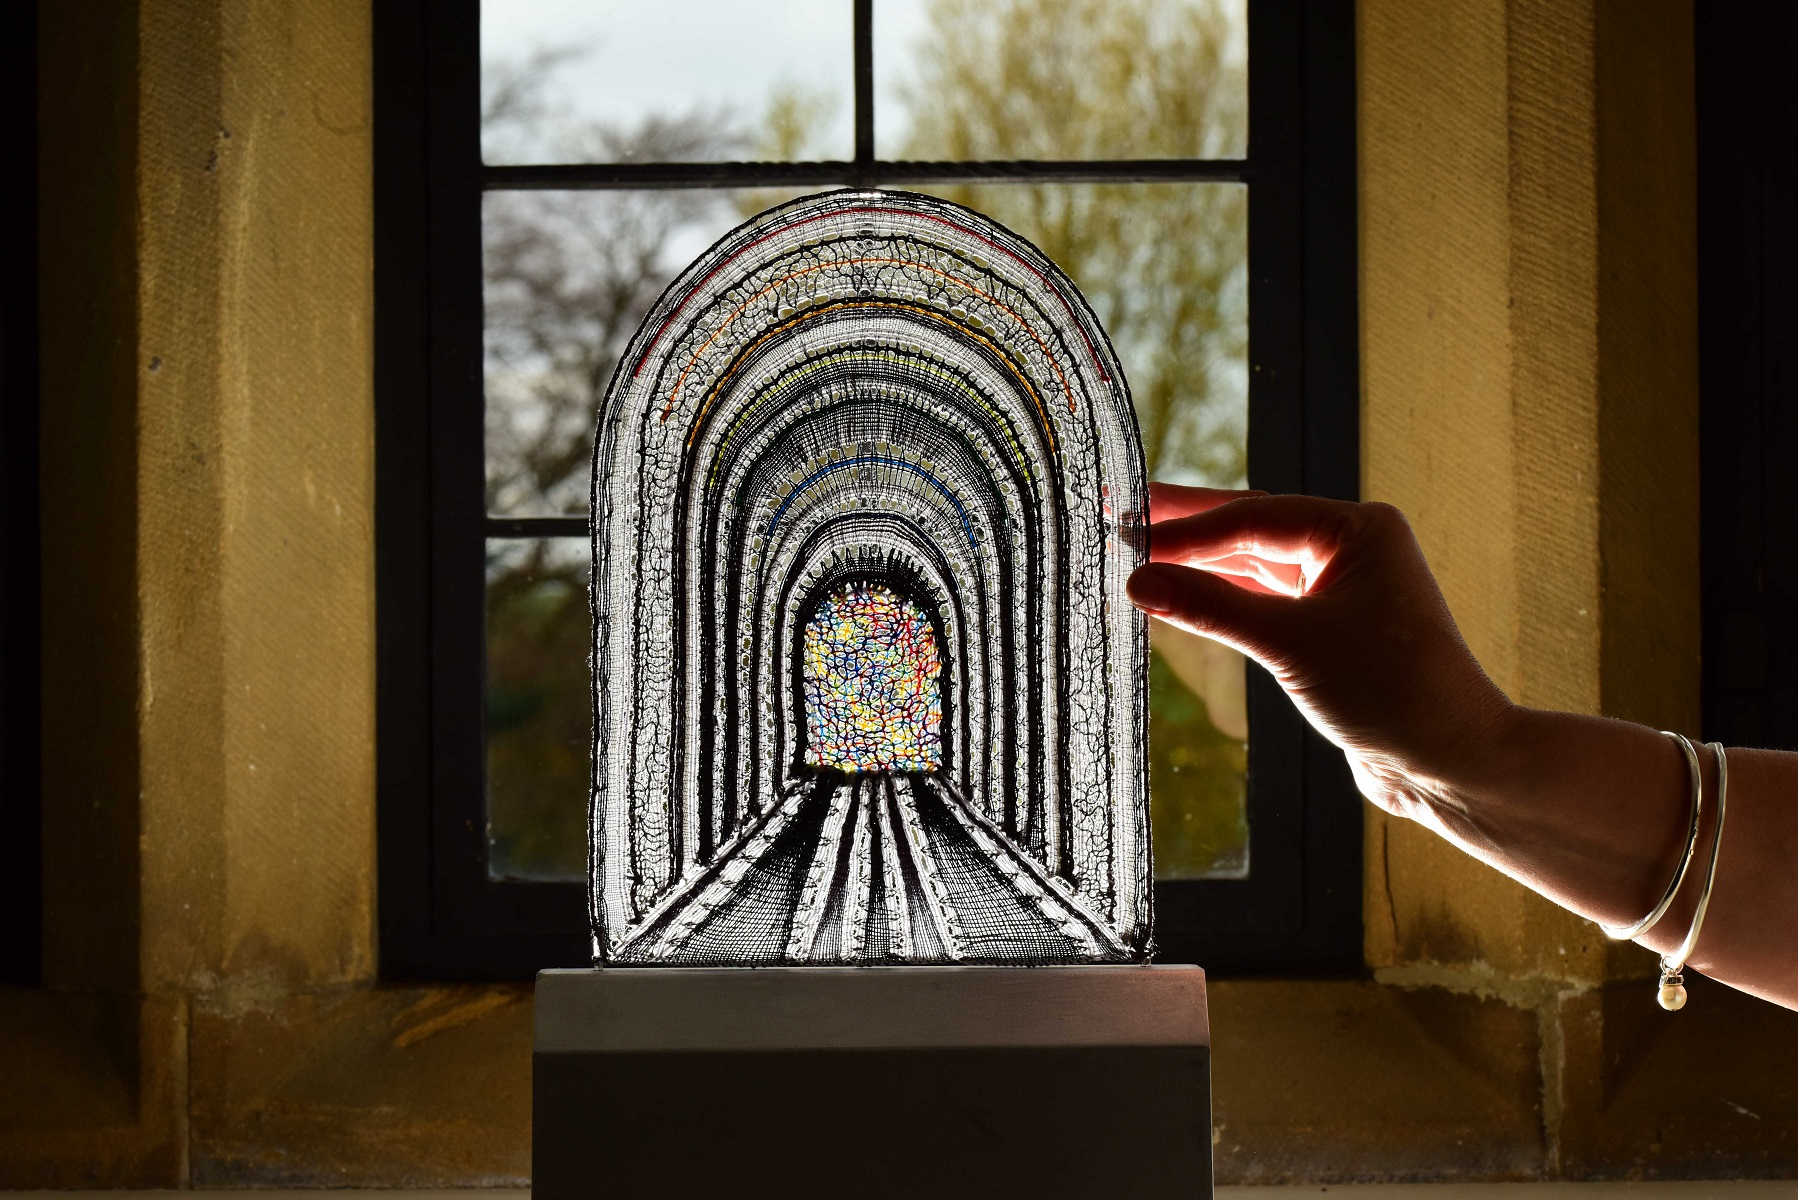 Een duidelijk op de abdij geïnspireerd kantwerkstuk van Vanessa Krushner.